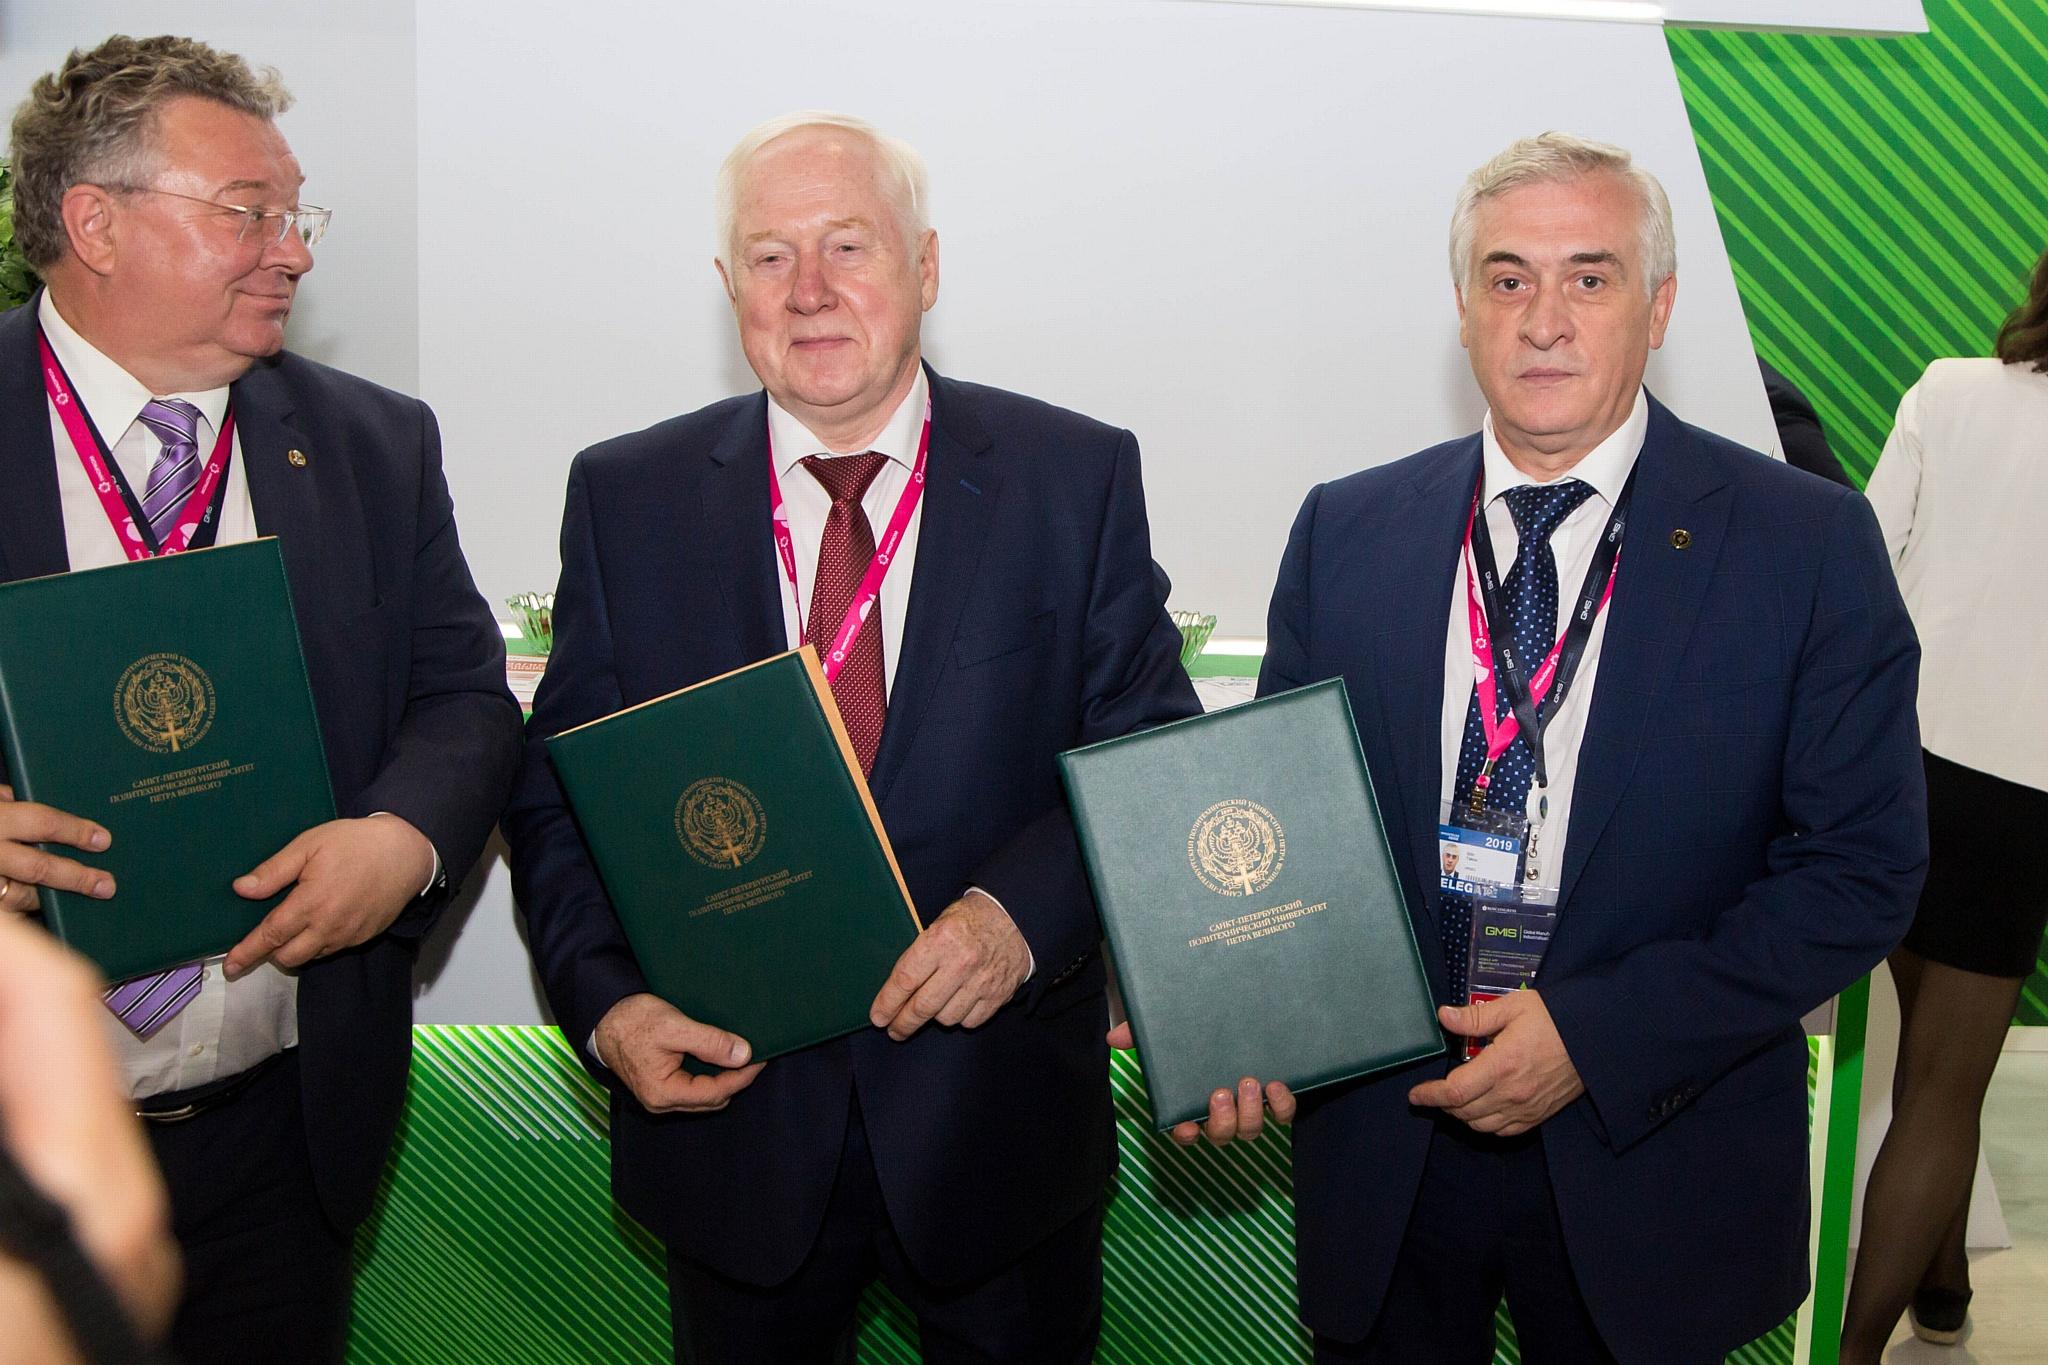 Подписанное в рамках Иннопрома-2019 соглашение позволит обеспечить кадровый потенциал ОПК